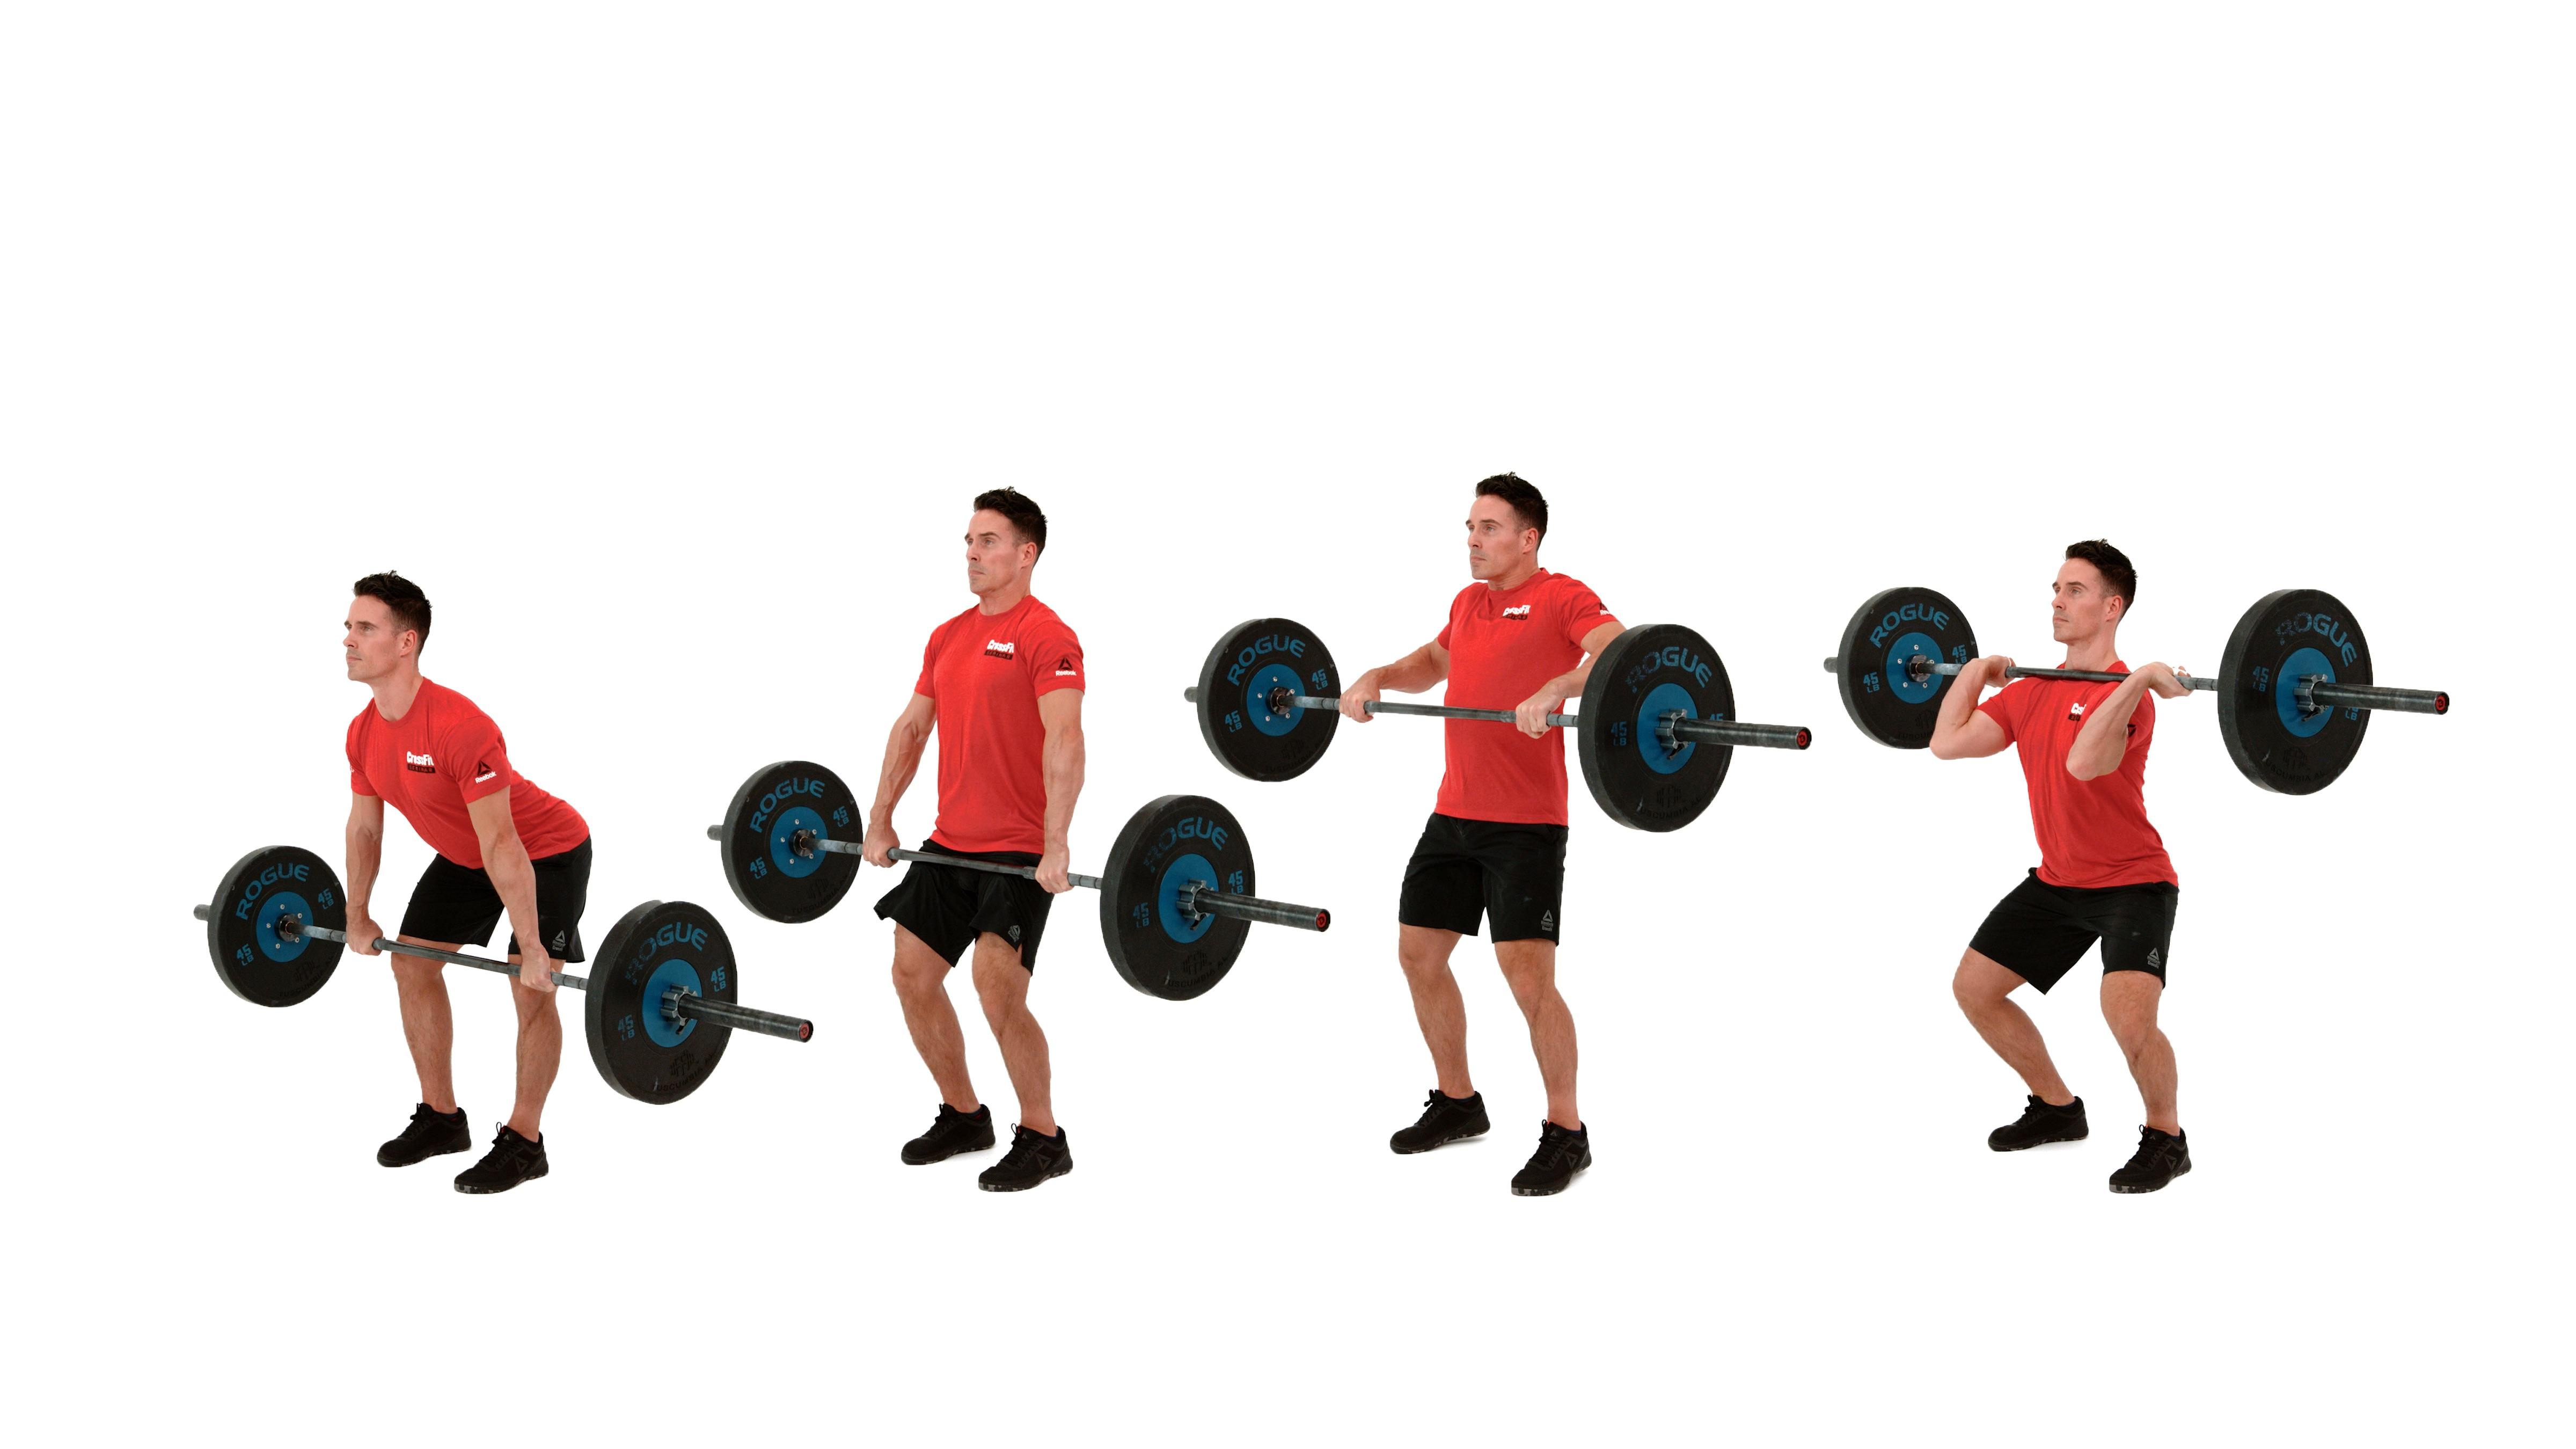 потолочные тяжелая атлетика упражнения в картинках производители выпускают камеры